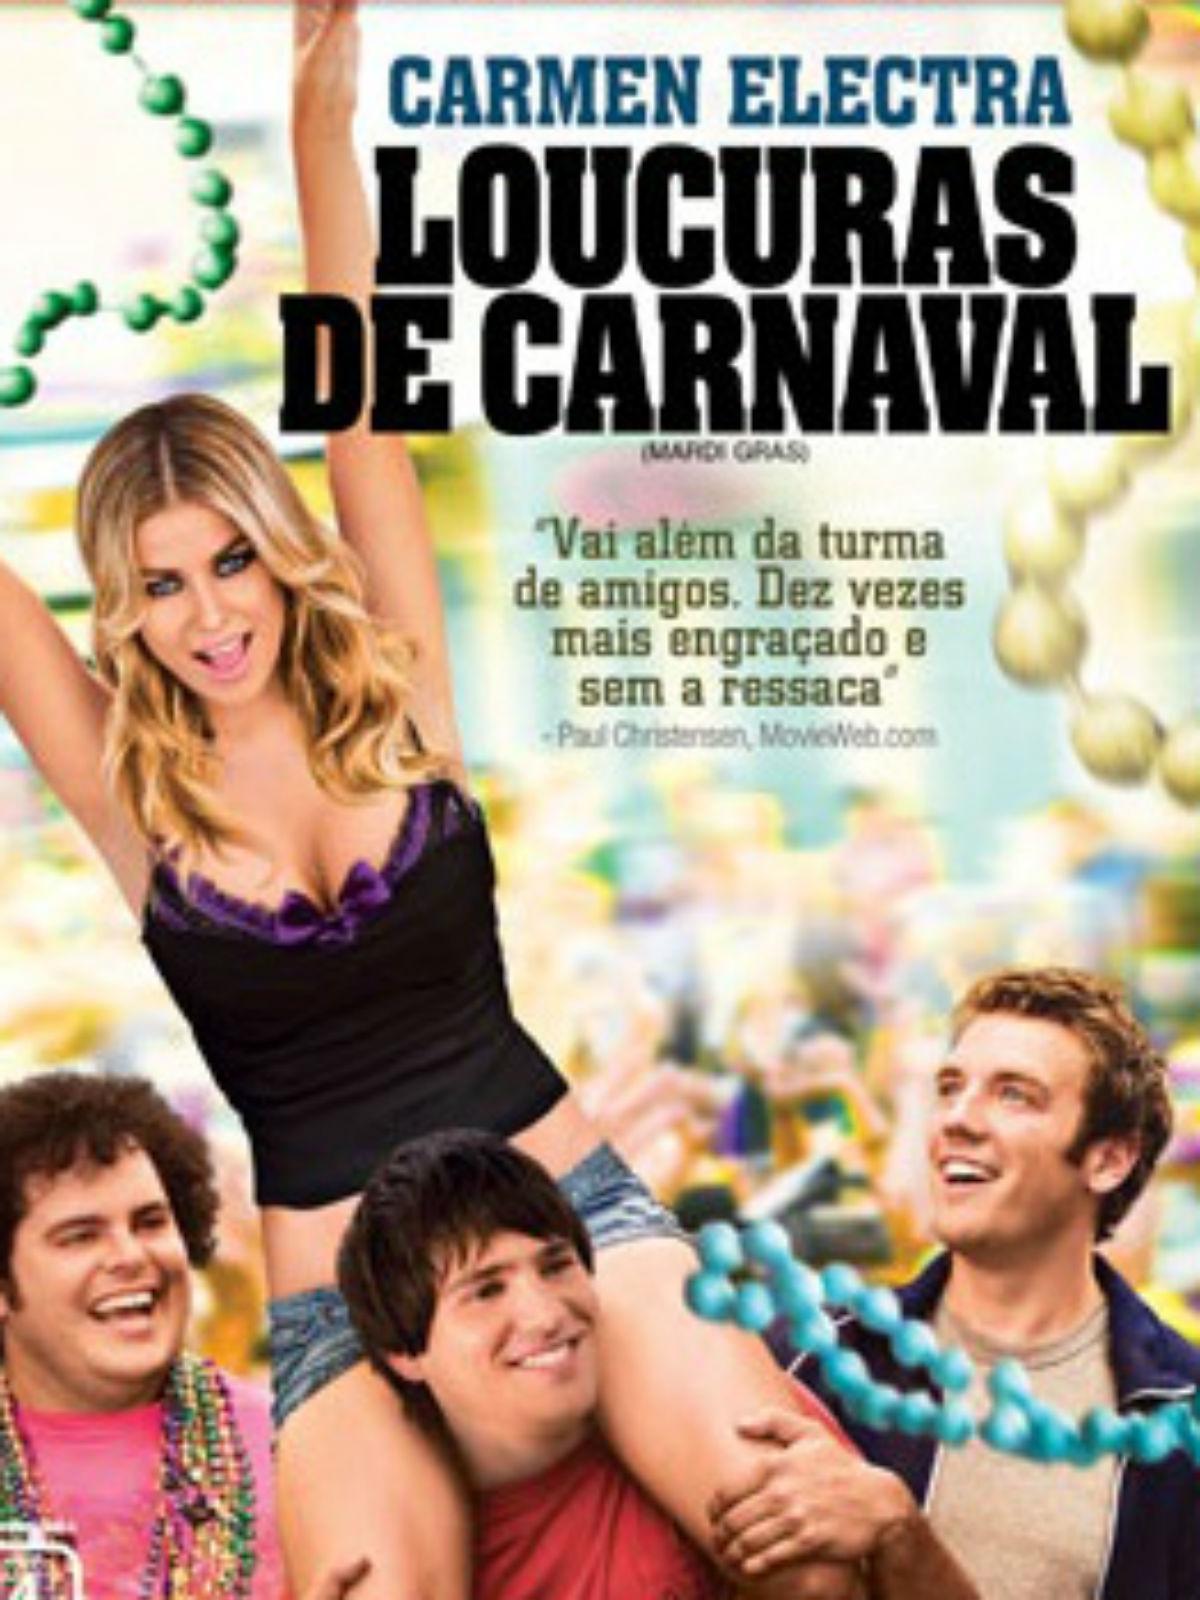 filme loucuras de carnaval dublado rmvb